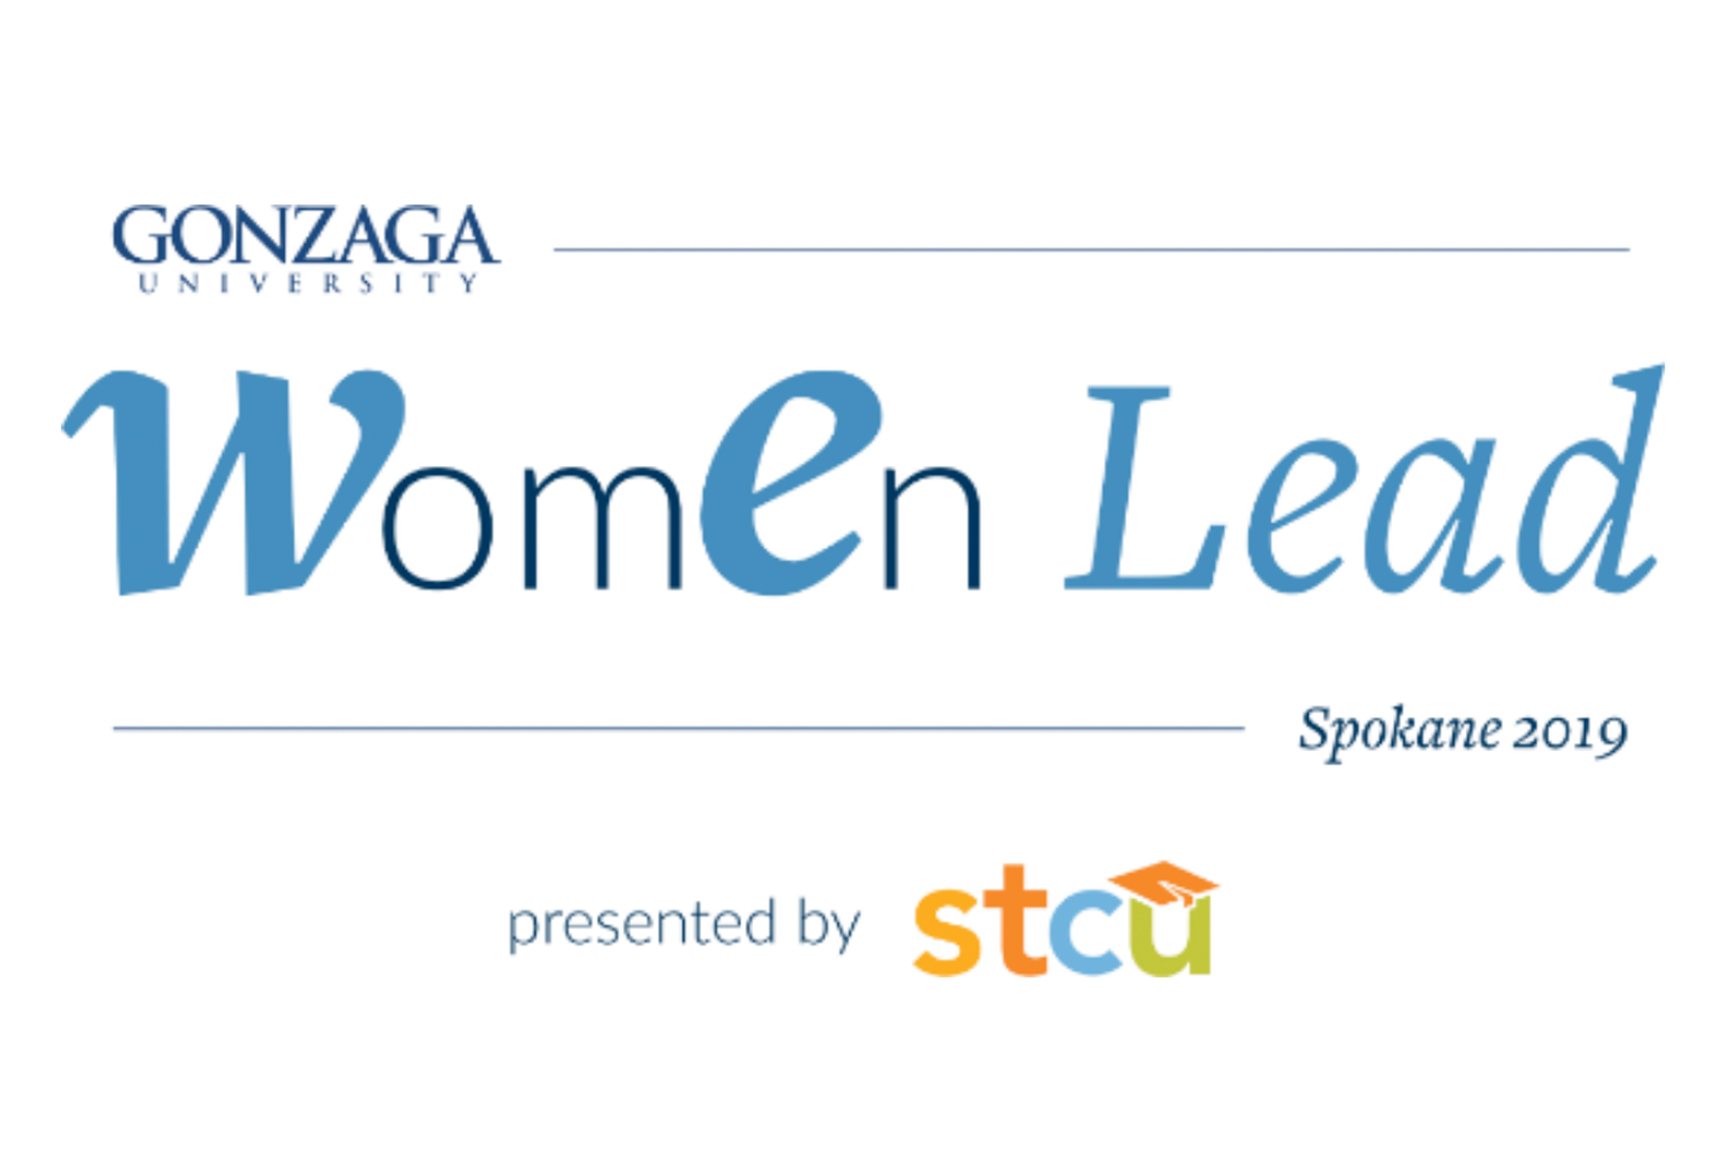 Gonzaga-University_Women-Lead-Spokane-2019.jpg